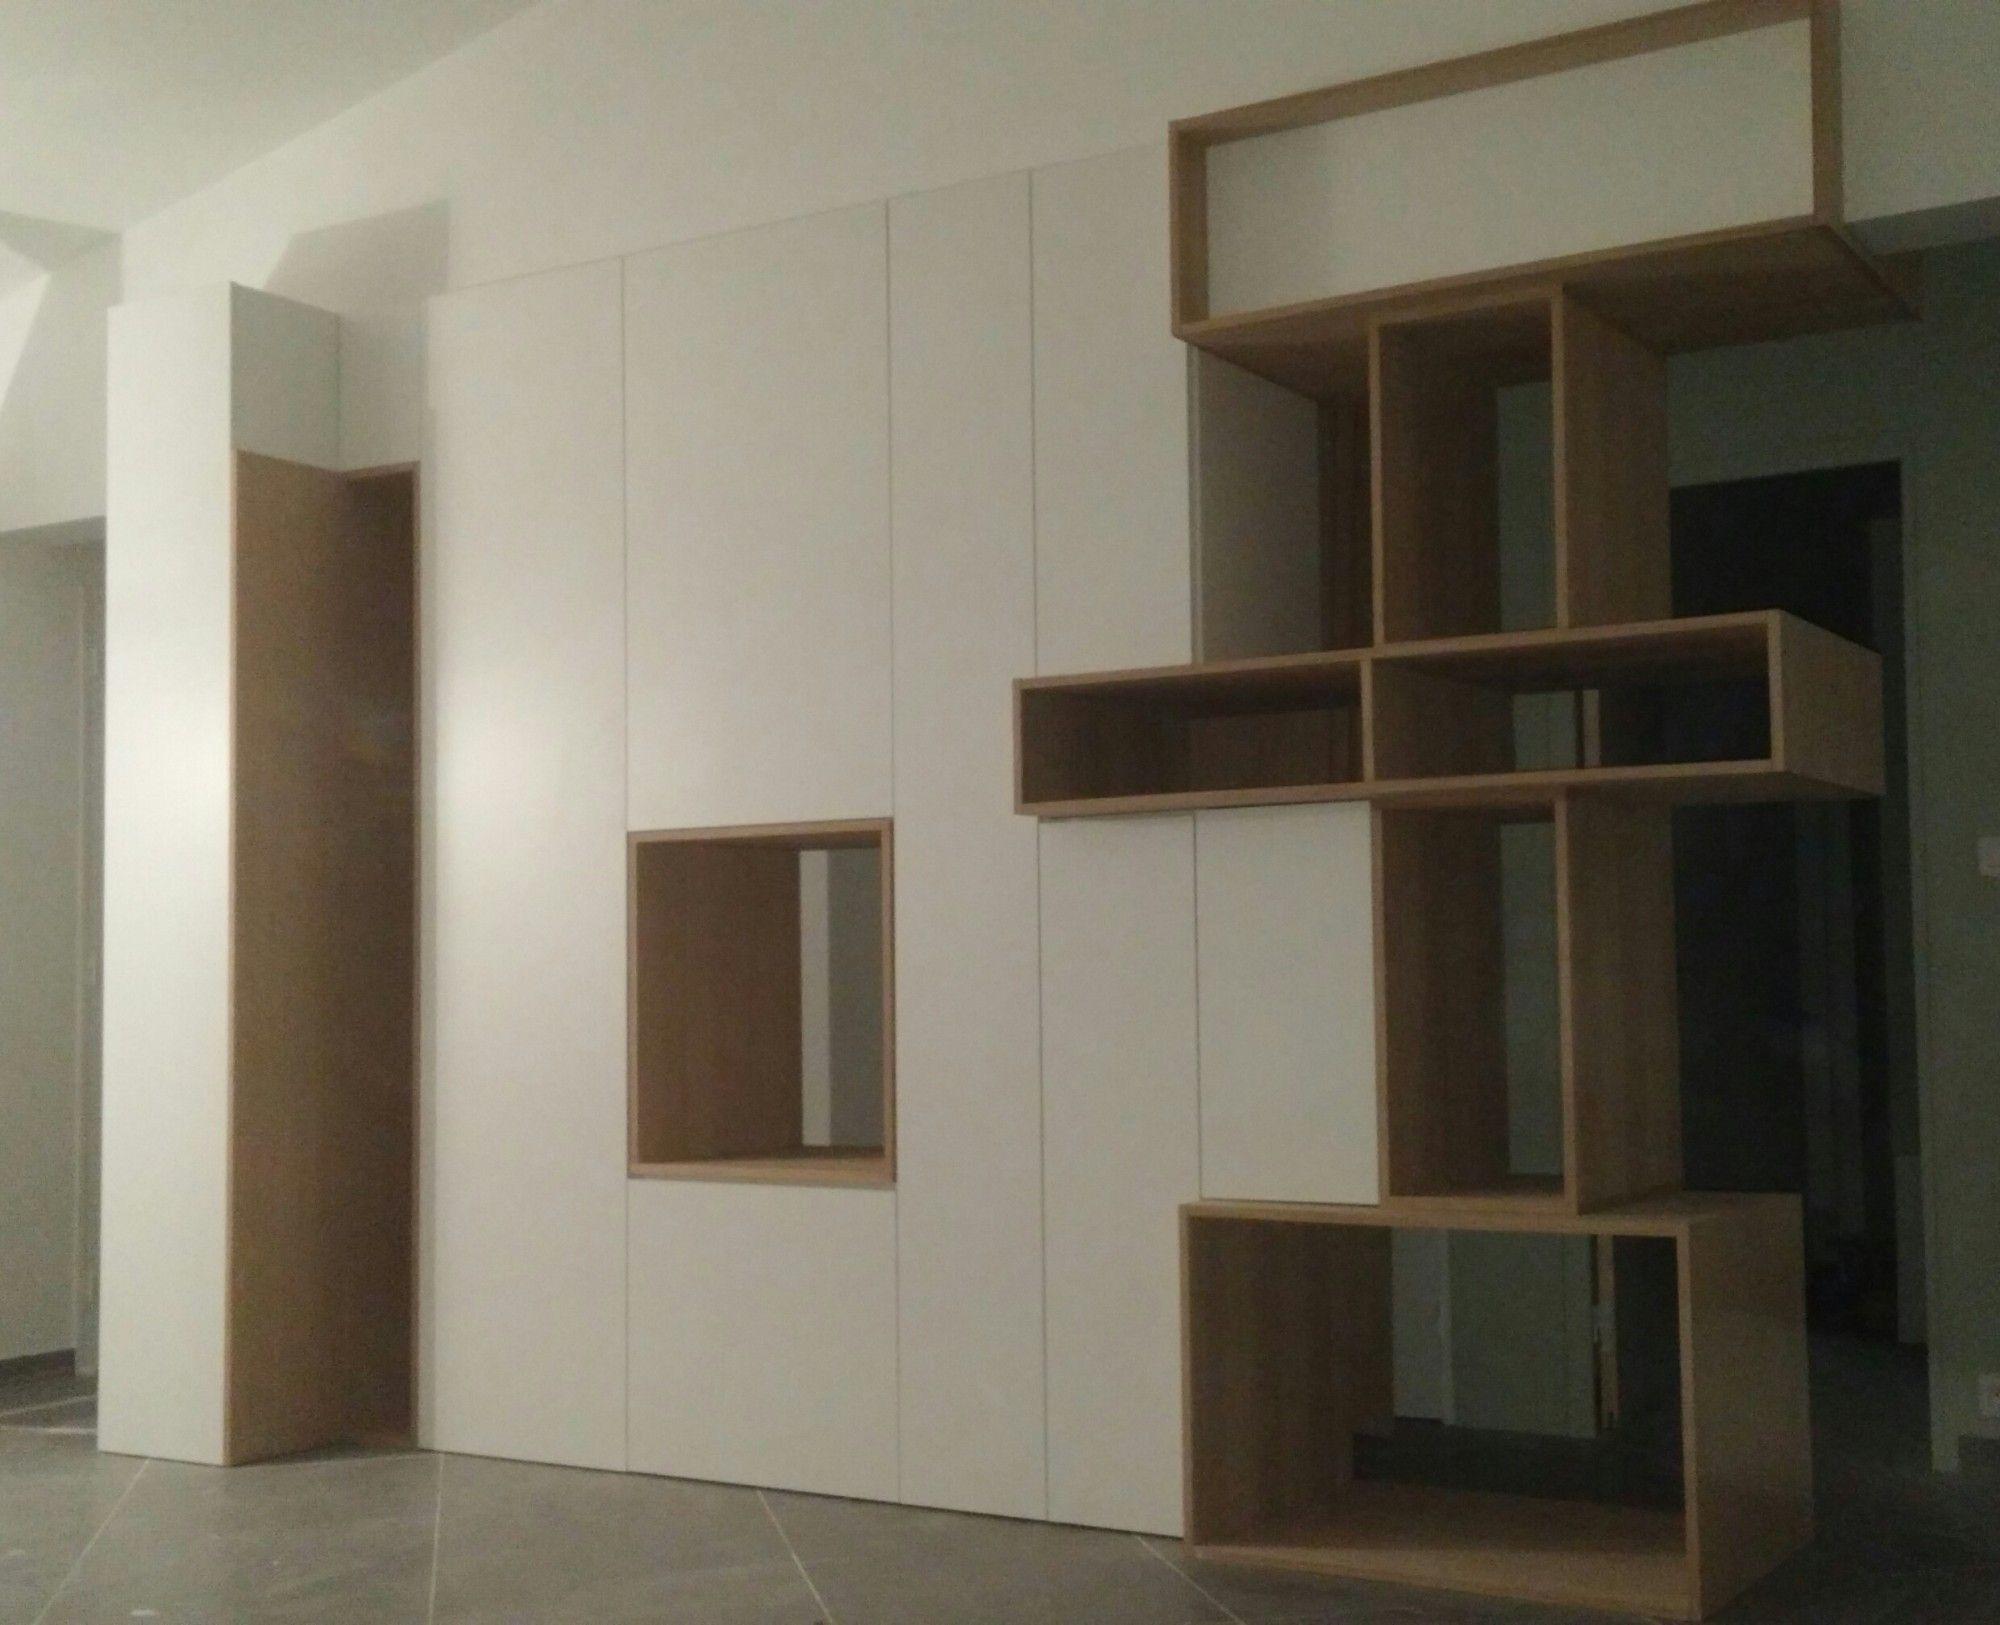 Ikea Placard Sur Mesure meuble de separation de piece ikea #1 - meuble sur mesure